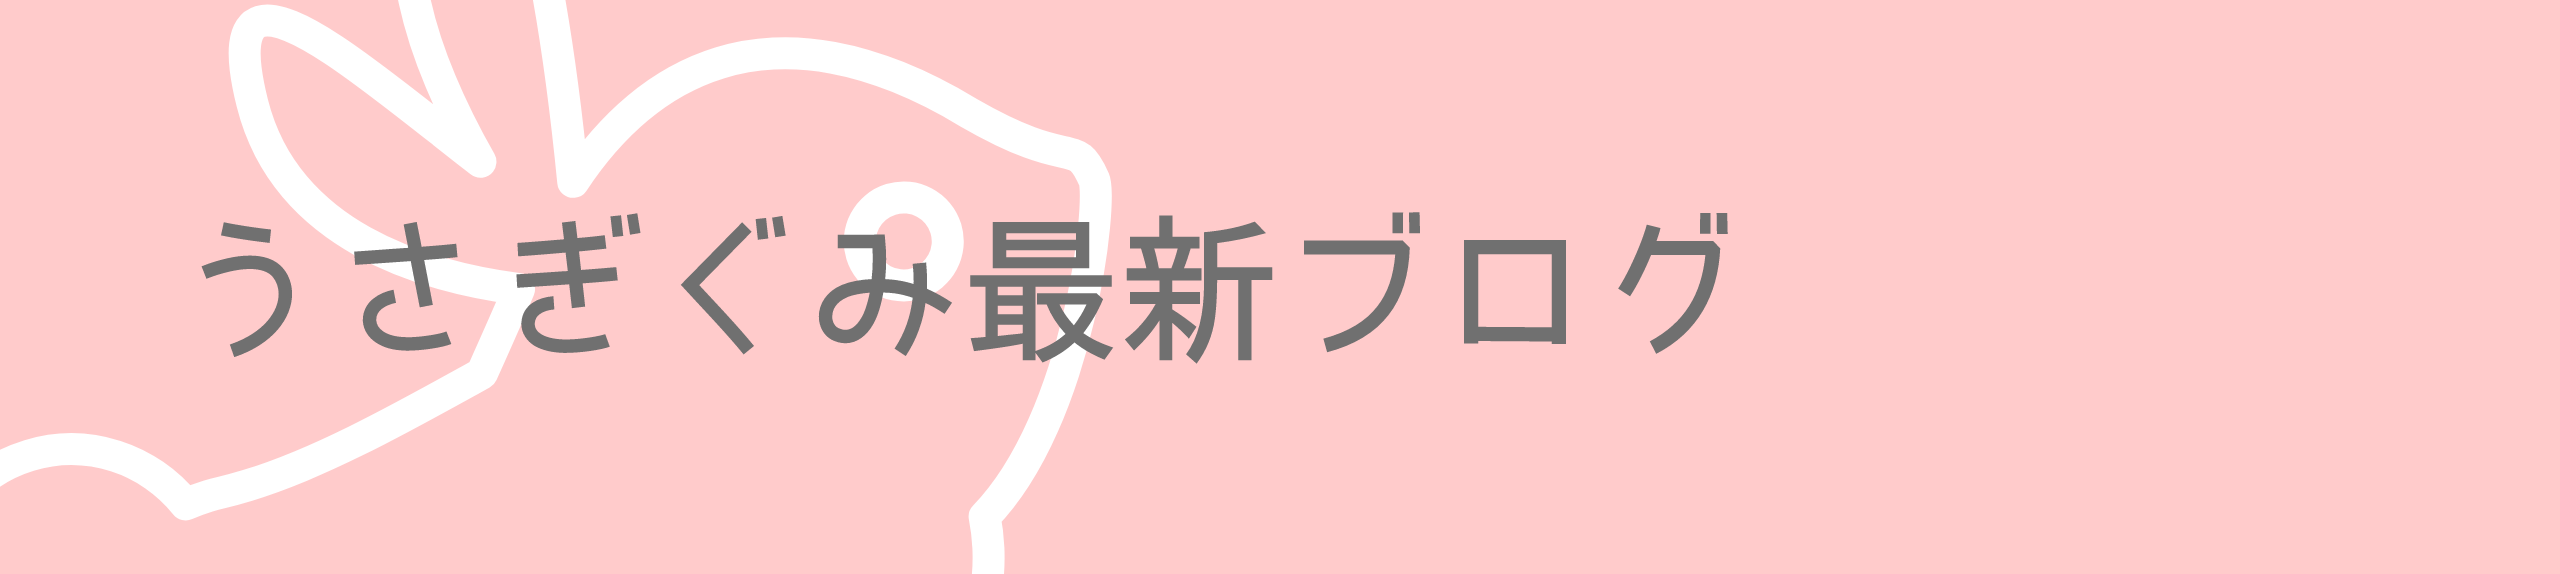 うさぎぐみ最新ブログ